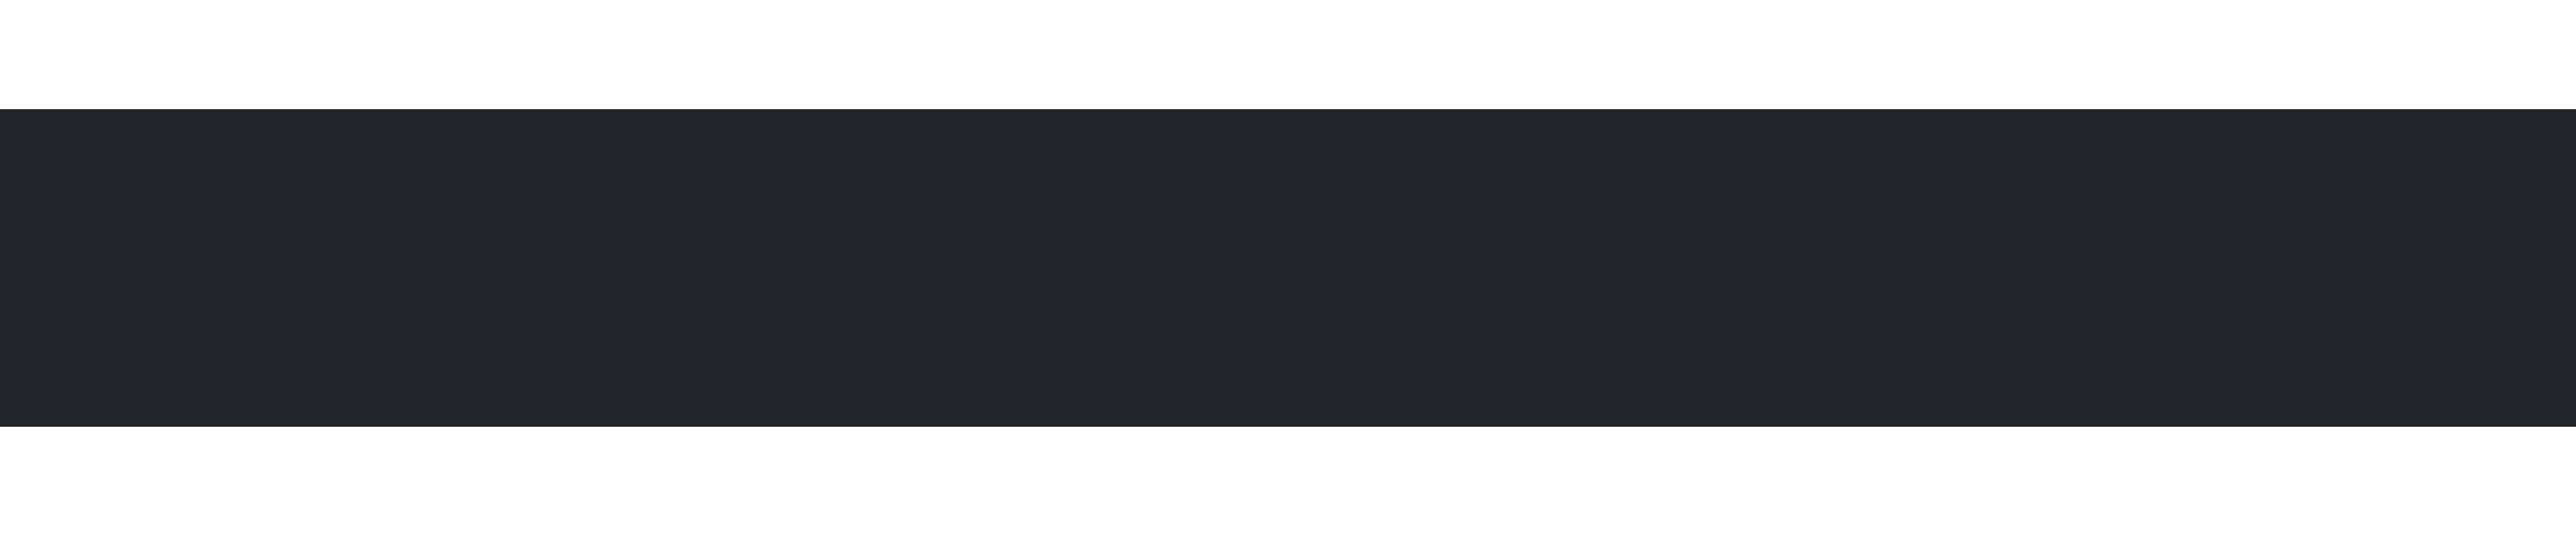 Donanım Plus Logo